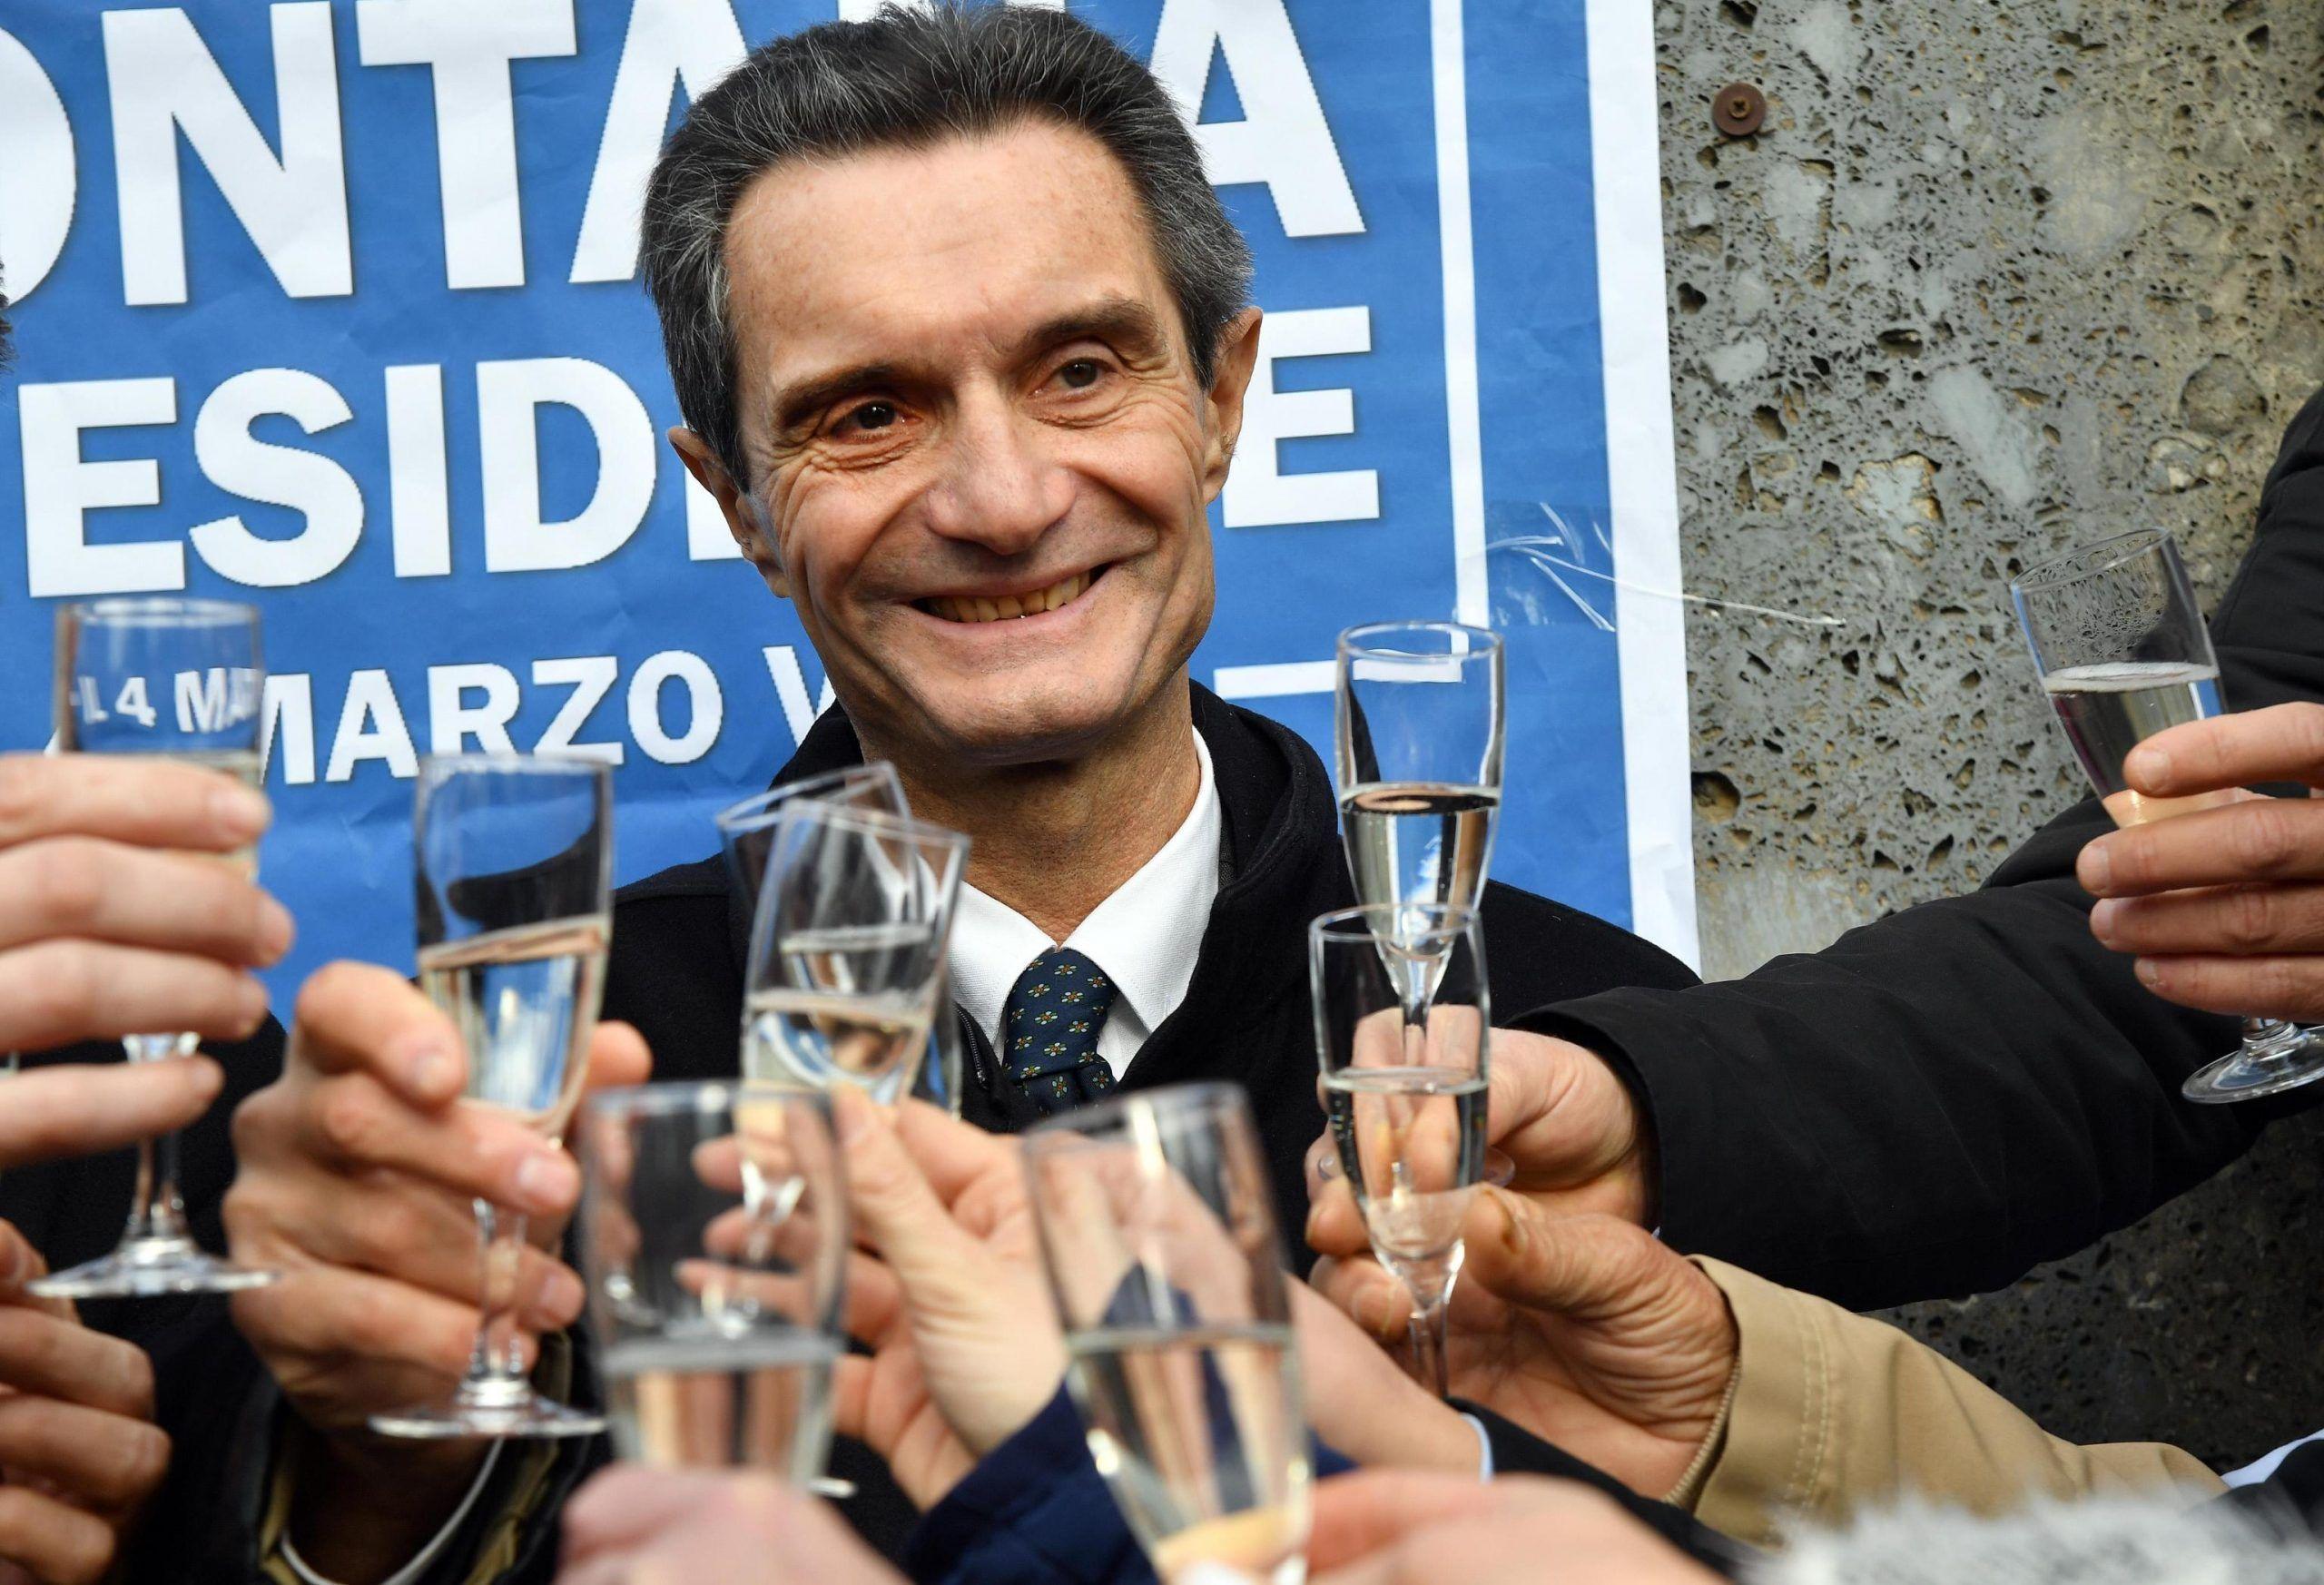 Attilio Fontana candidato regione Lombardia per il centrodestra